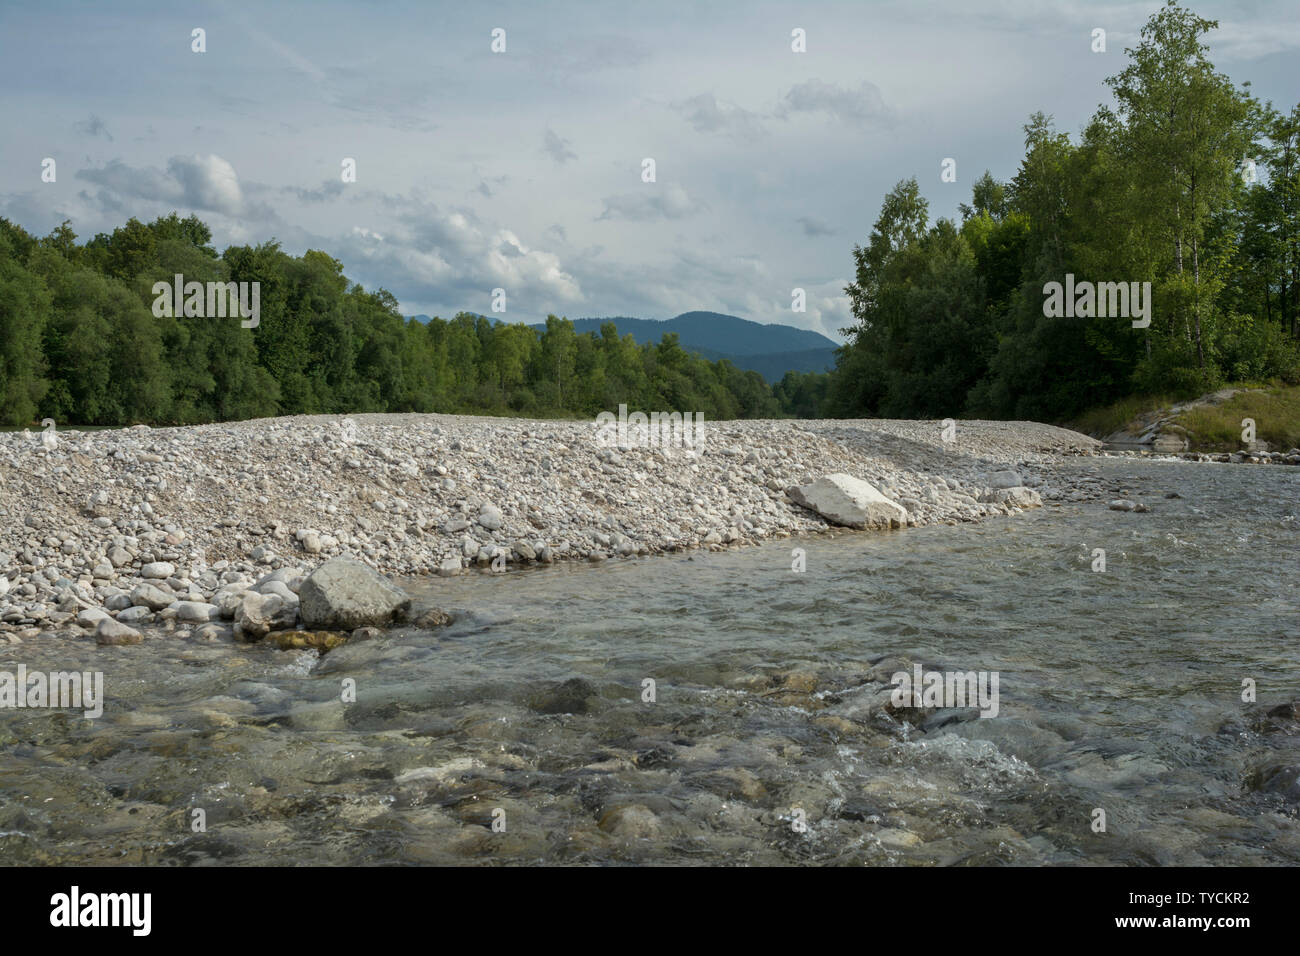 La rivière Isar, Bad Tölz, Bad Toelz, brauneck, Alpes bavaroises, Alpes, Haute-Bavière, Bavière, Allemagne Banque D'Images